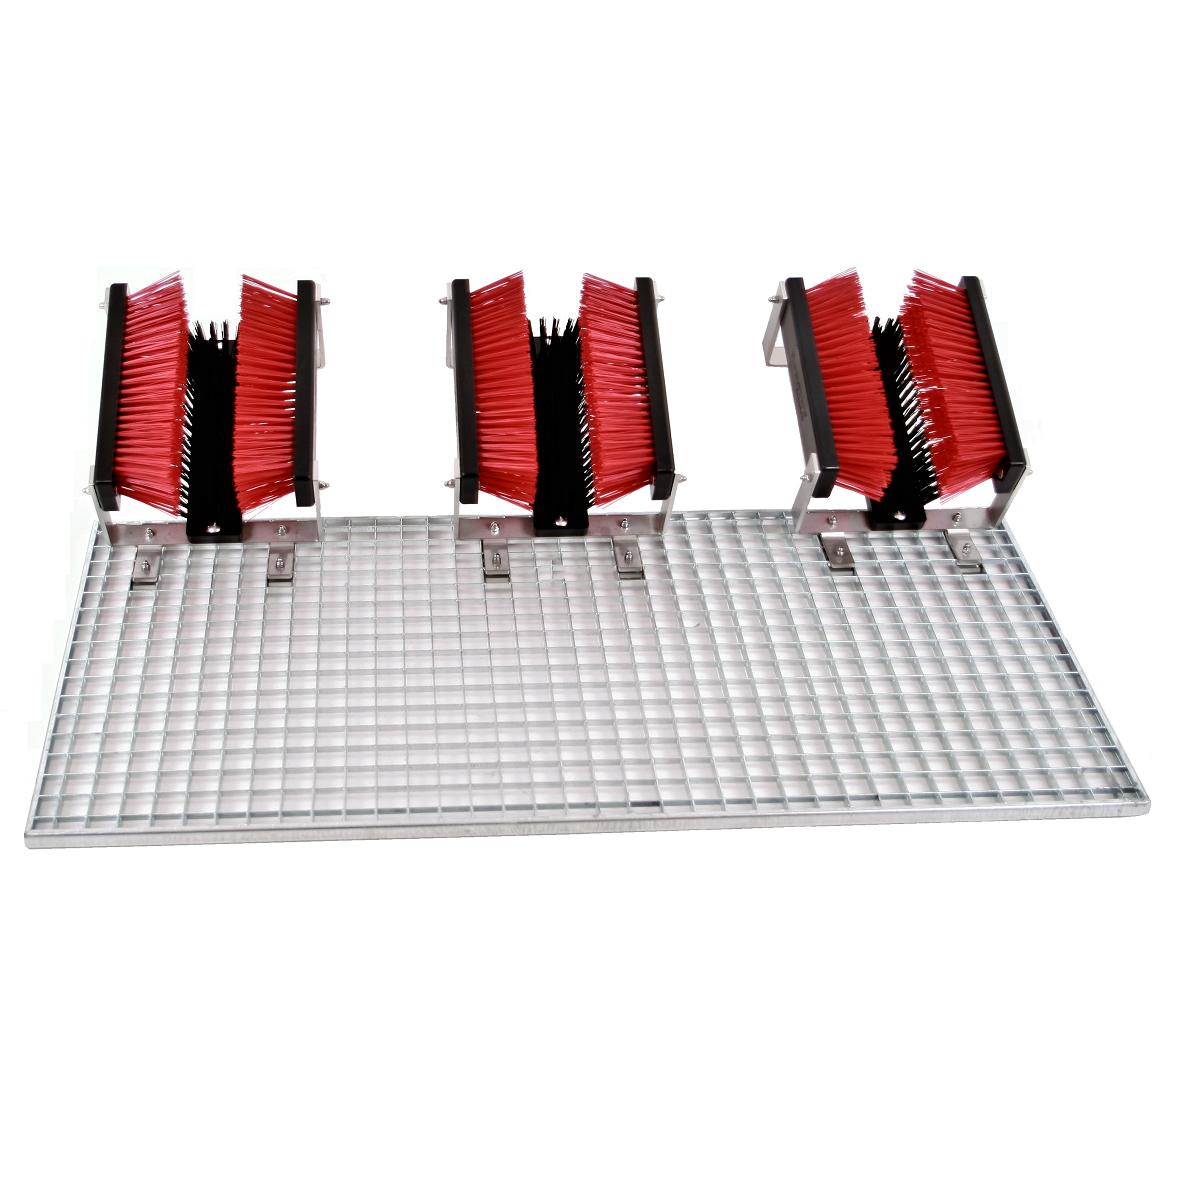 Stollenreiniger mit drei Bürsten - FloorMAX